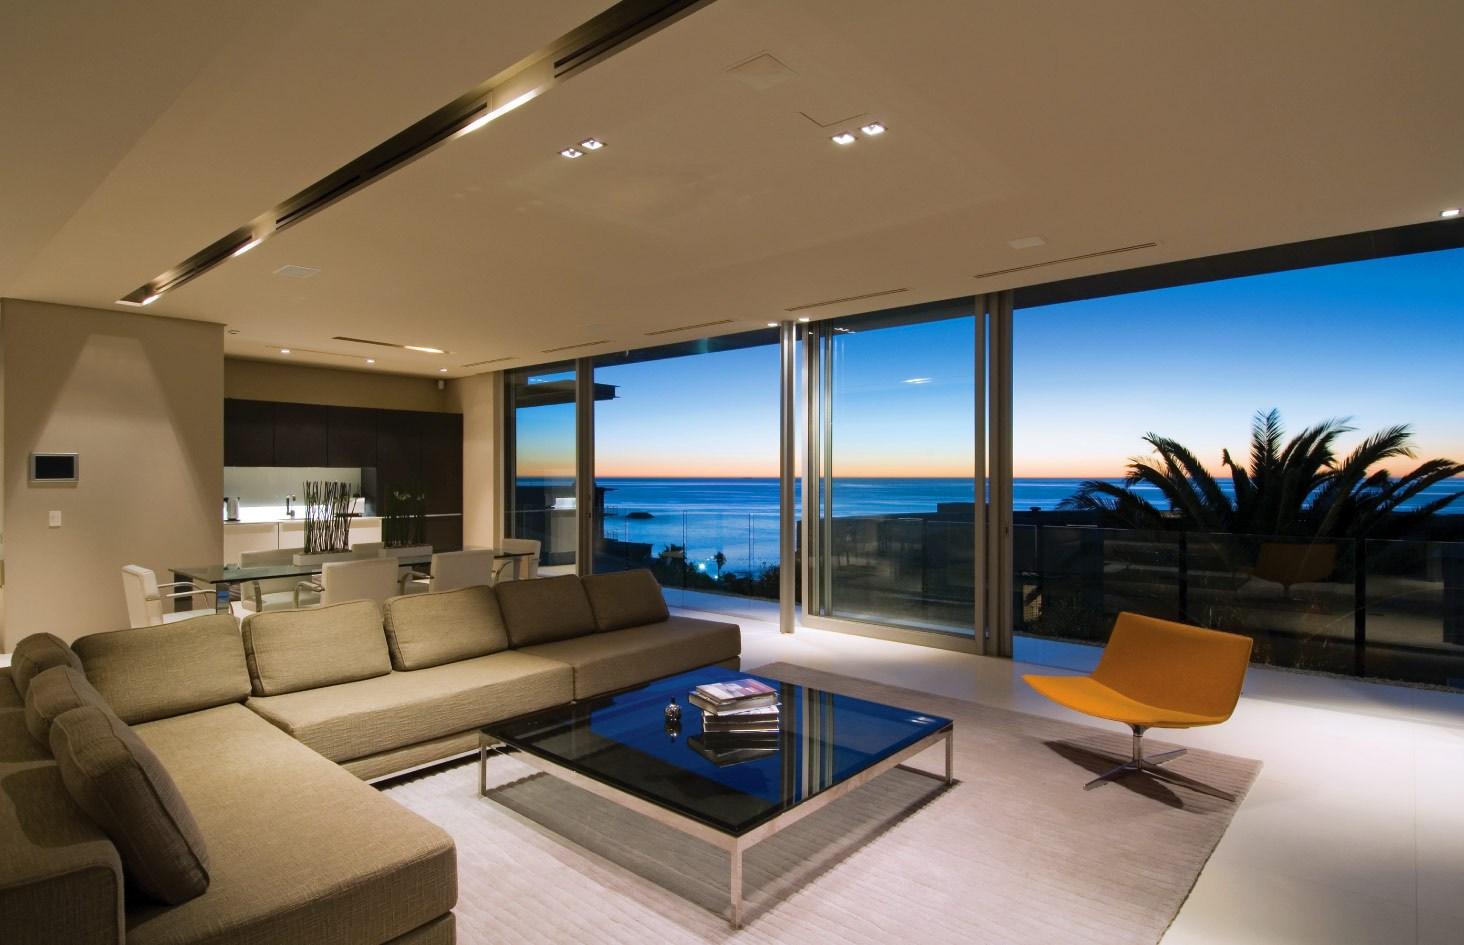 Fullsize Of Modern House Interior Design Living Room